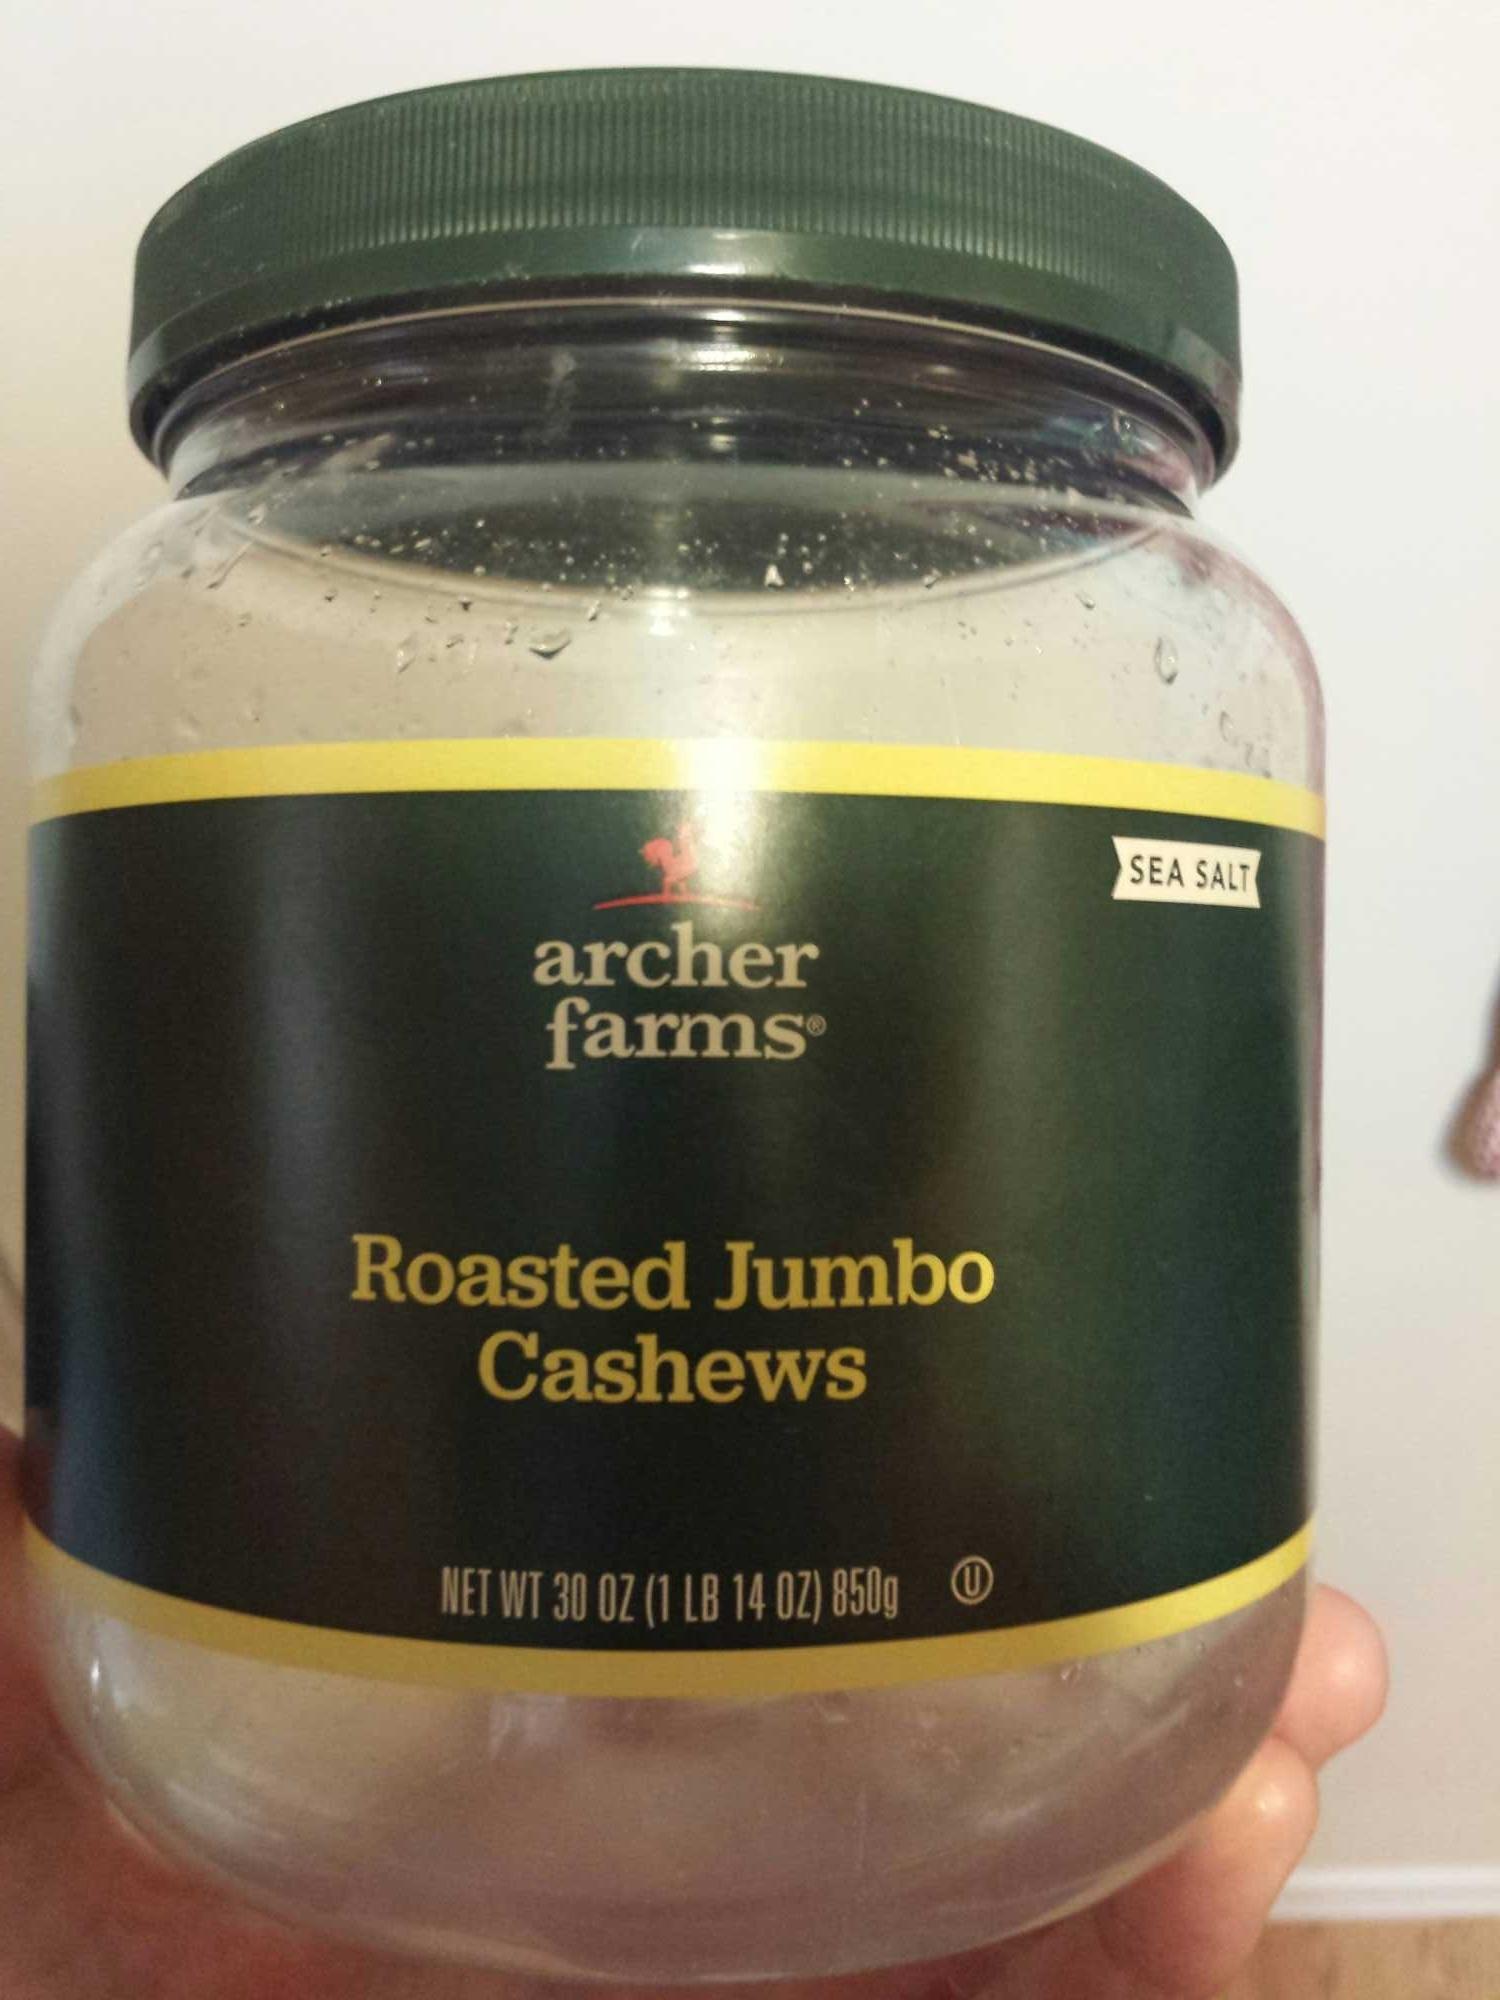 Sea salt roasted jumbo cashews - Product - en